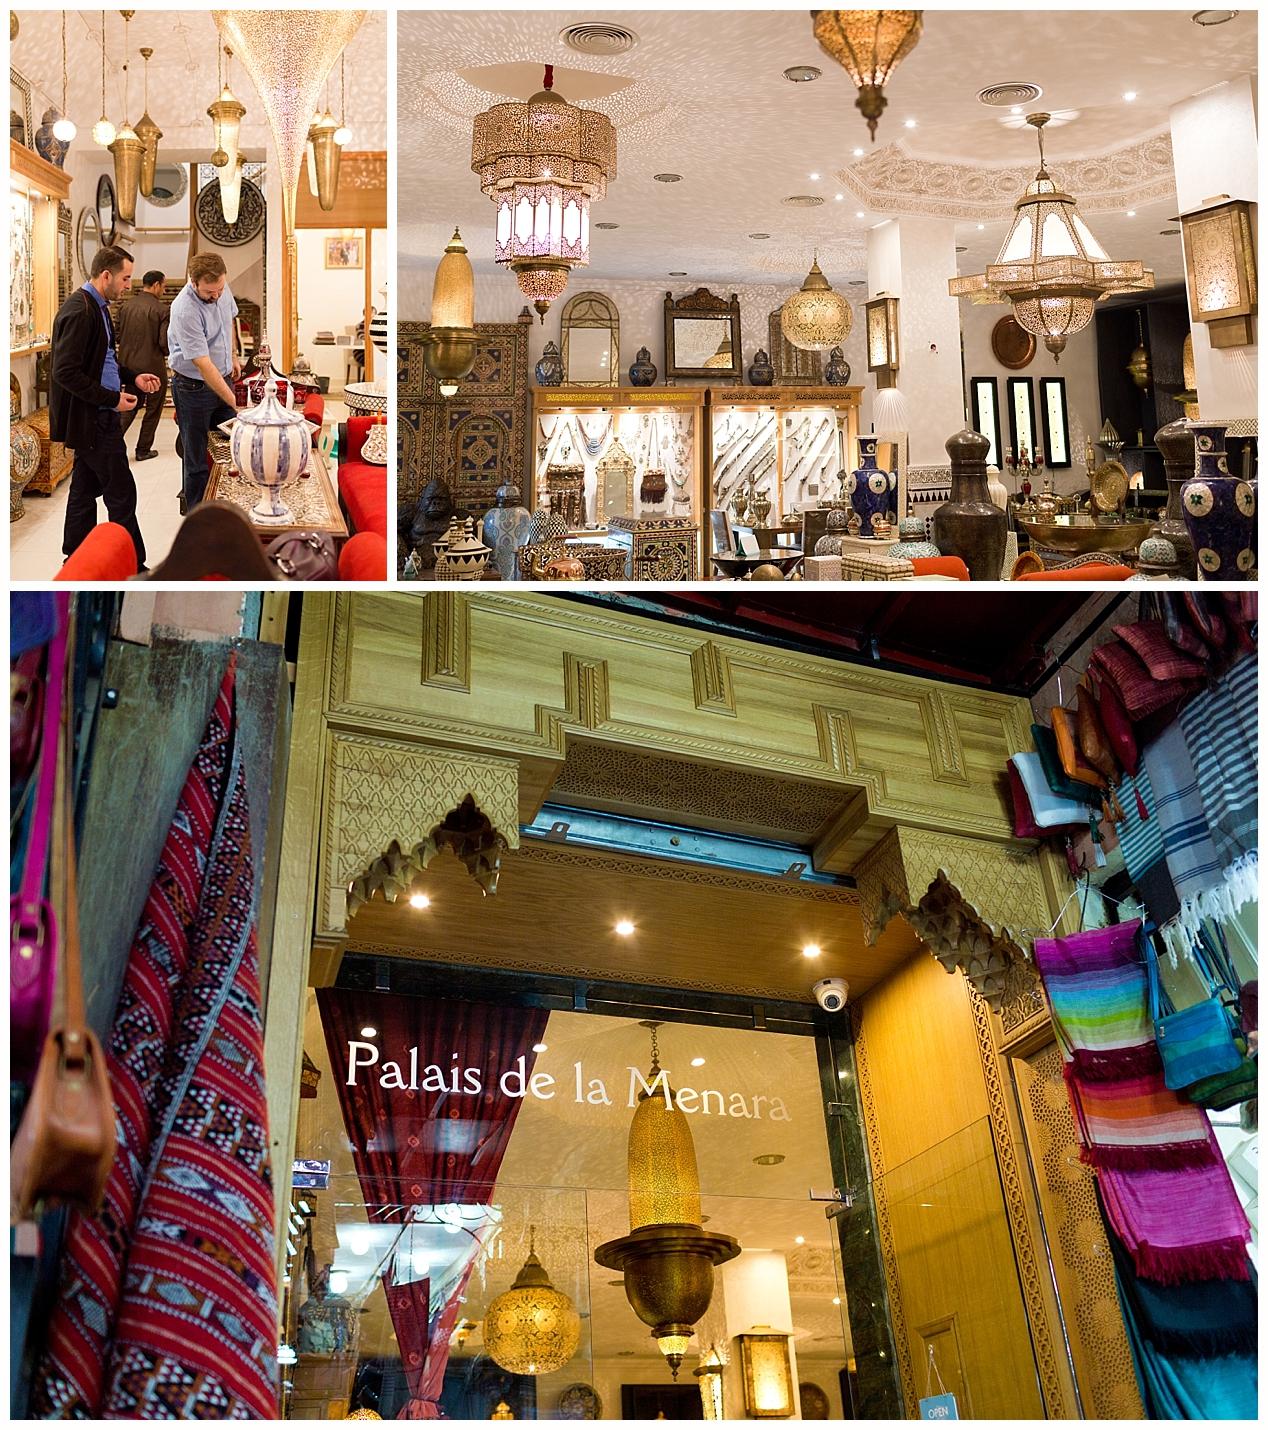 Palais de la Menara fancy shop in Marrakech medina